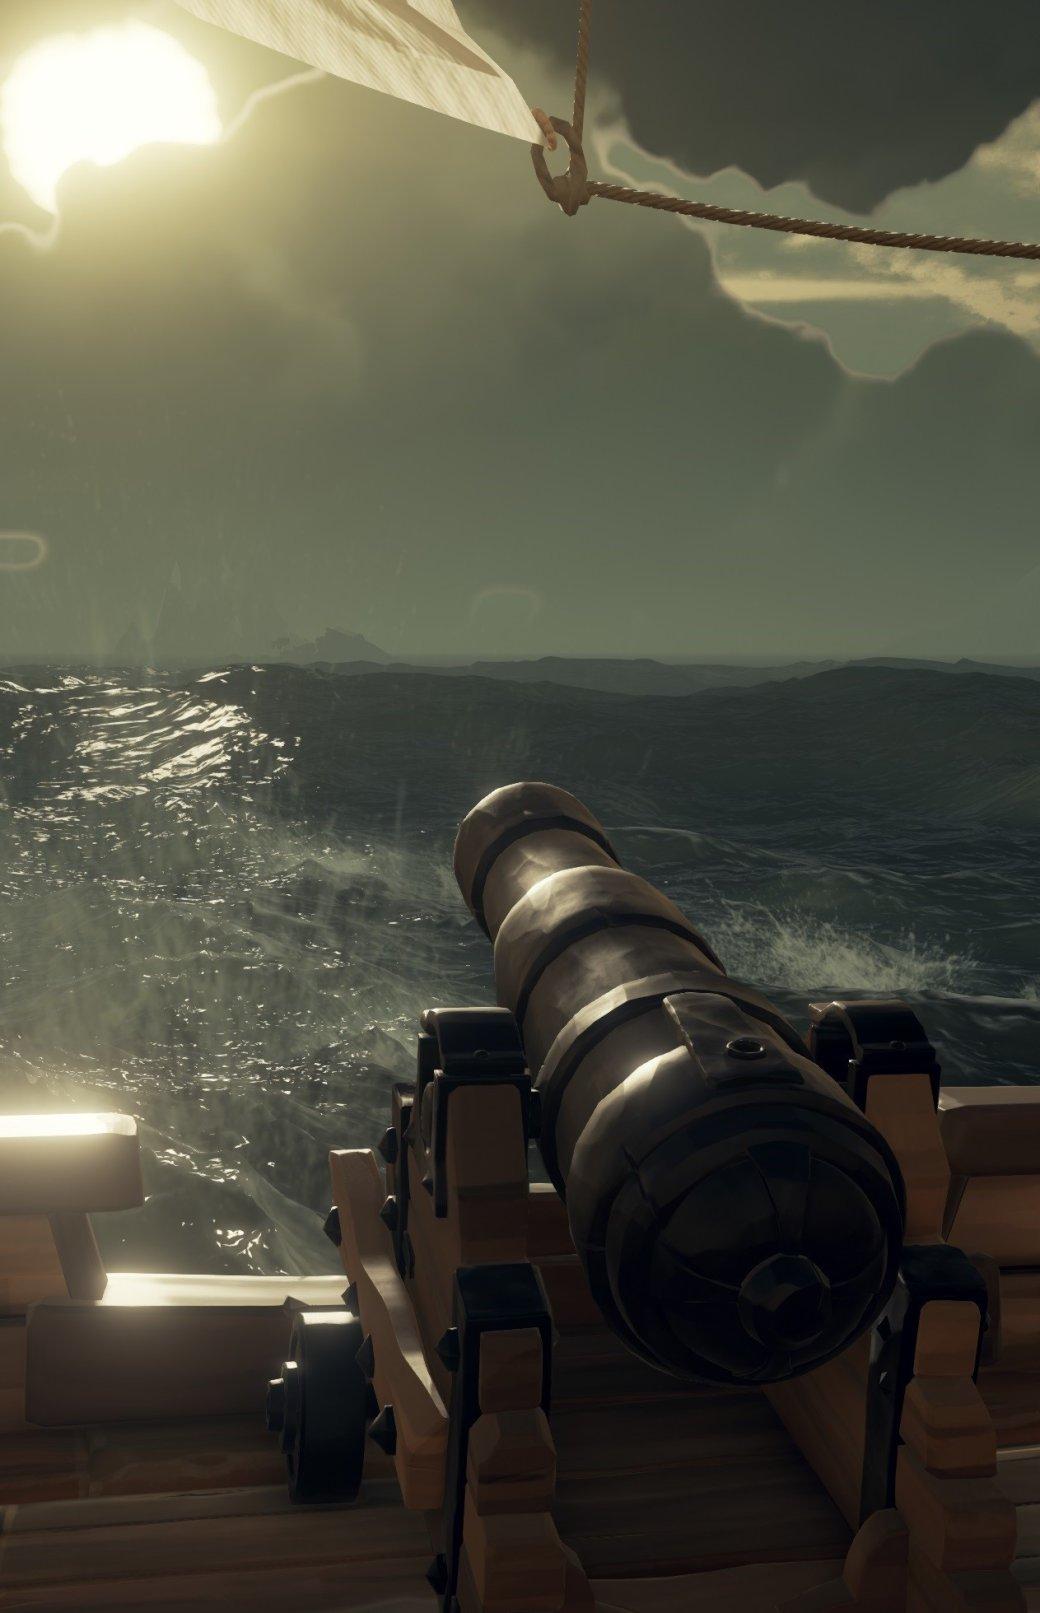 Рецензия на Sea of Thieves. Обзор игры - Изображение 7